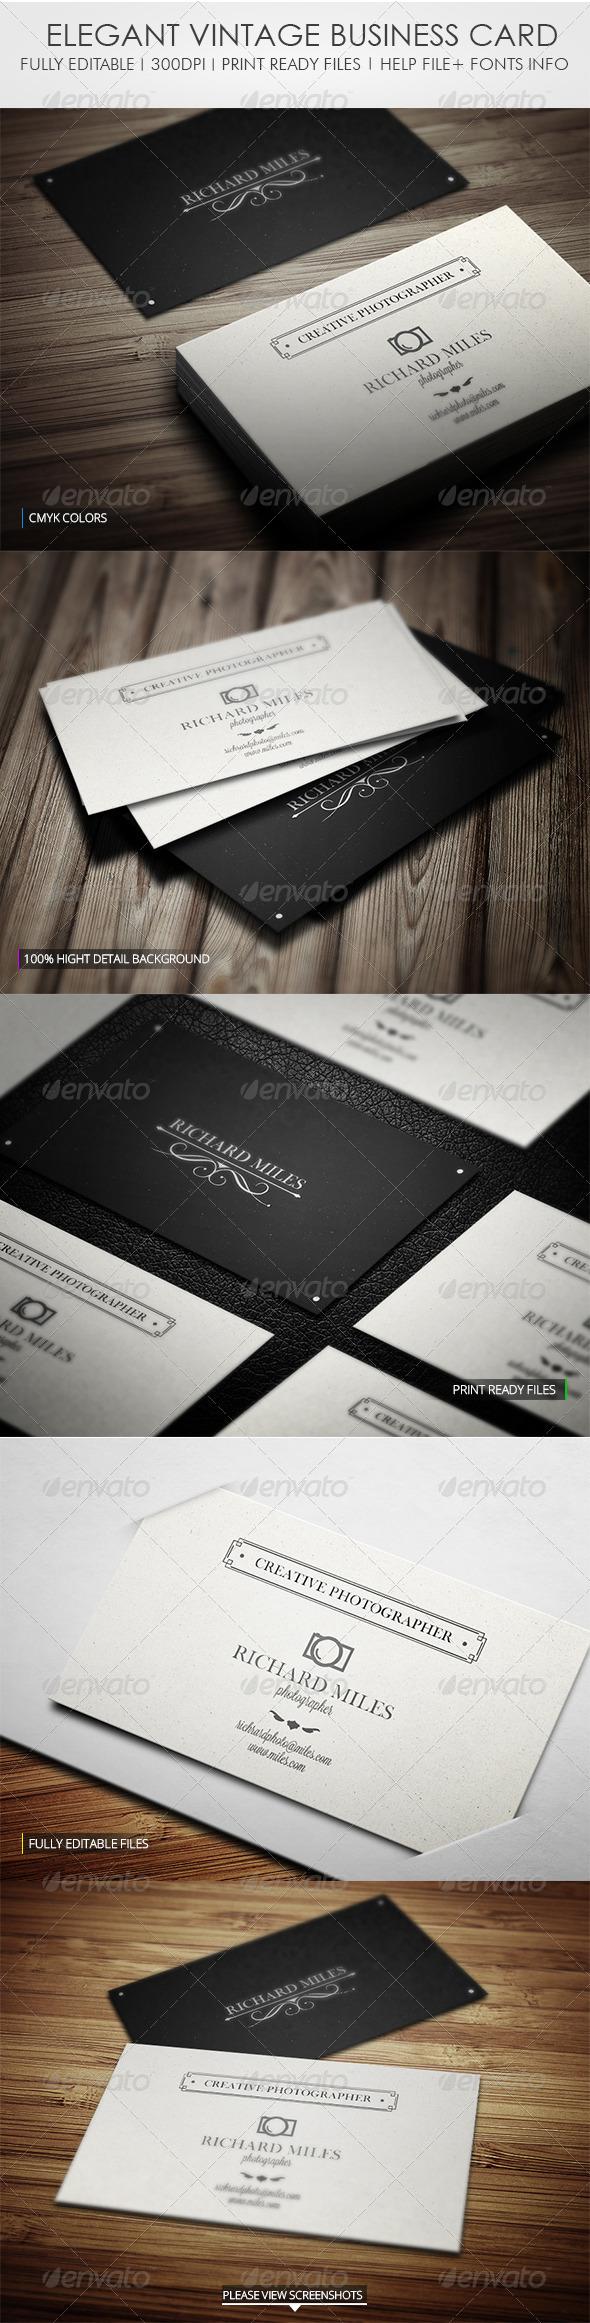 GraphicRiver Elegant Vintage Business Card 4376849